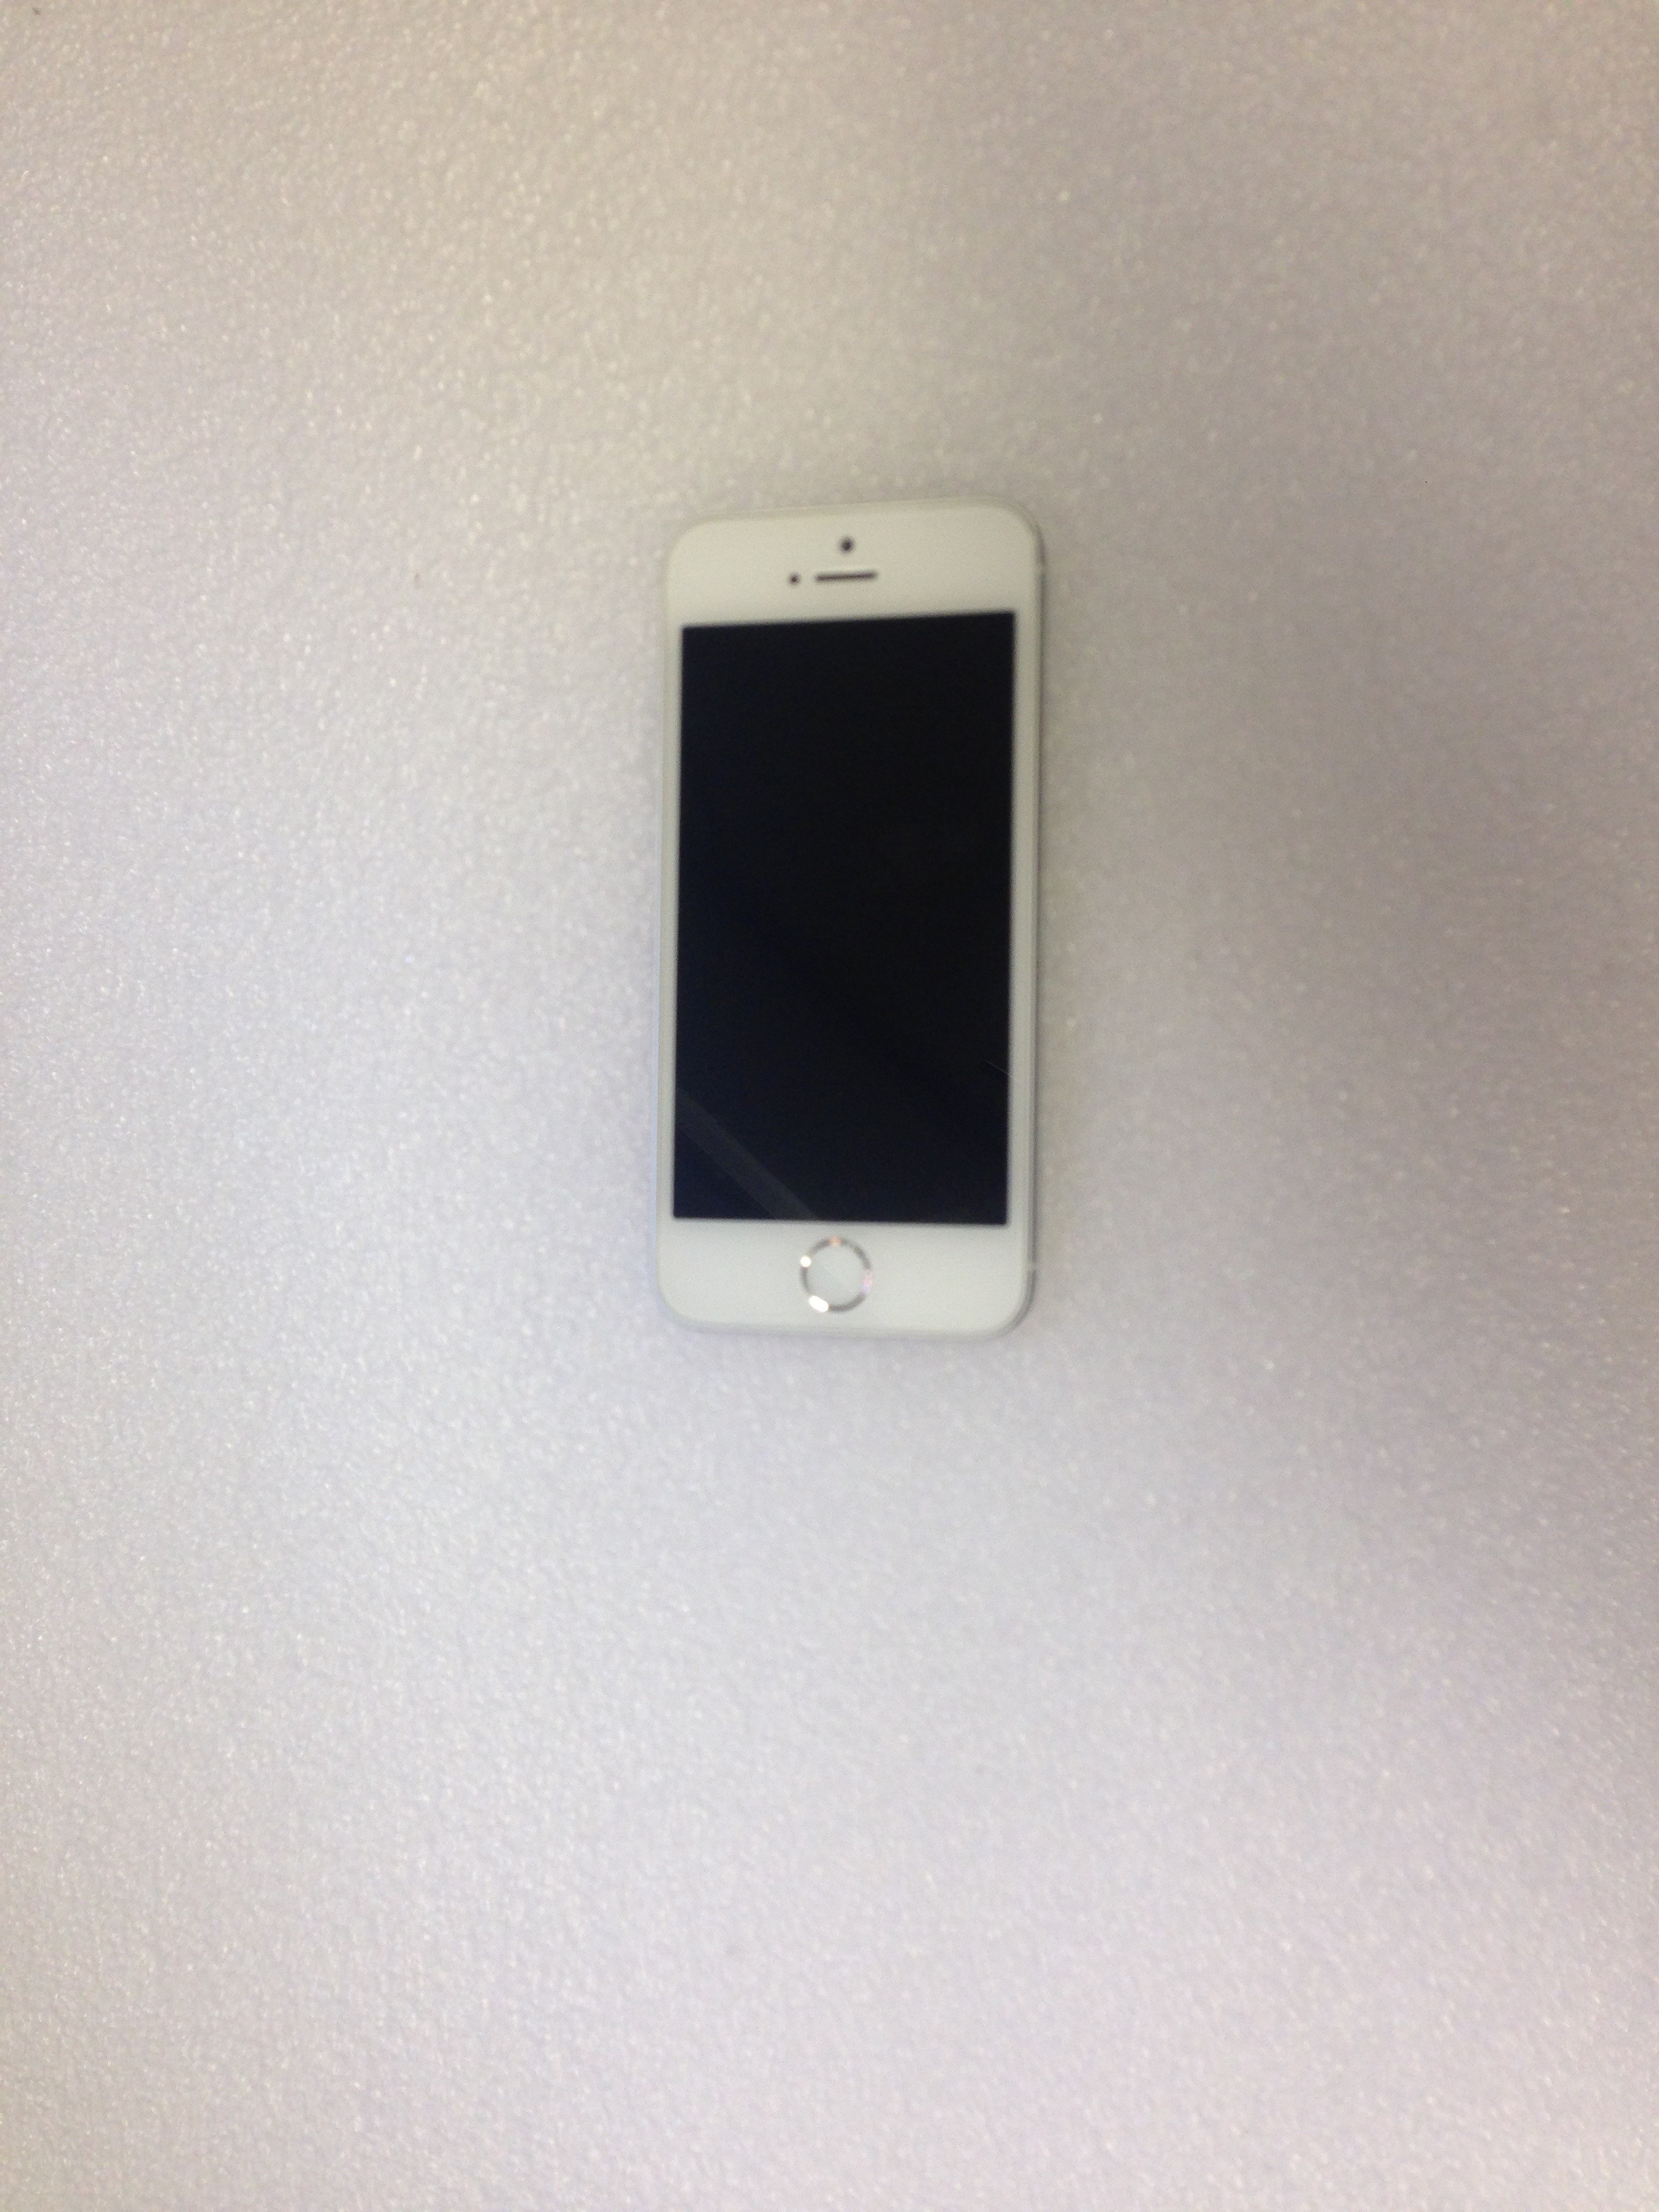 iPhone 5s, 64GB, Plata, imagen 1